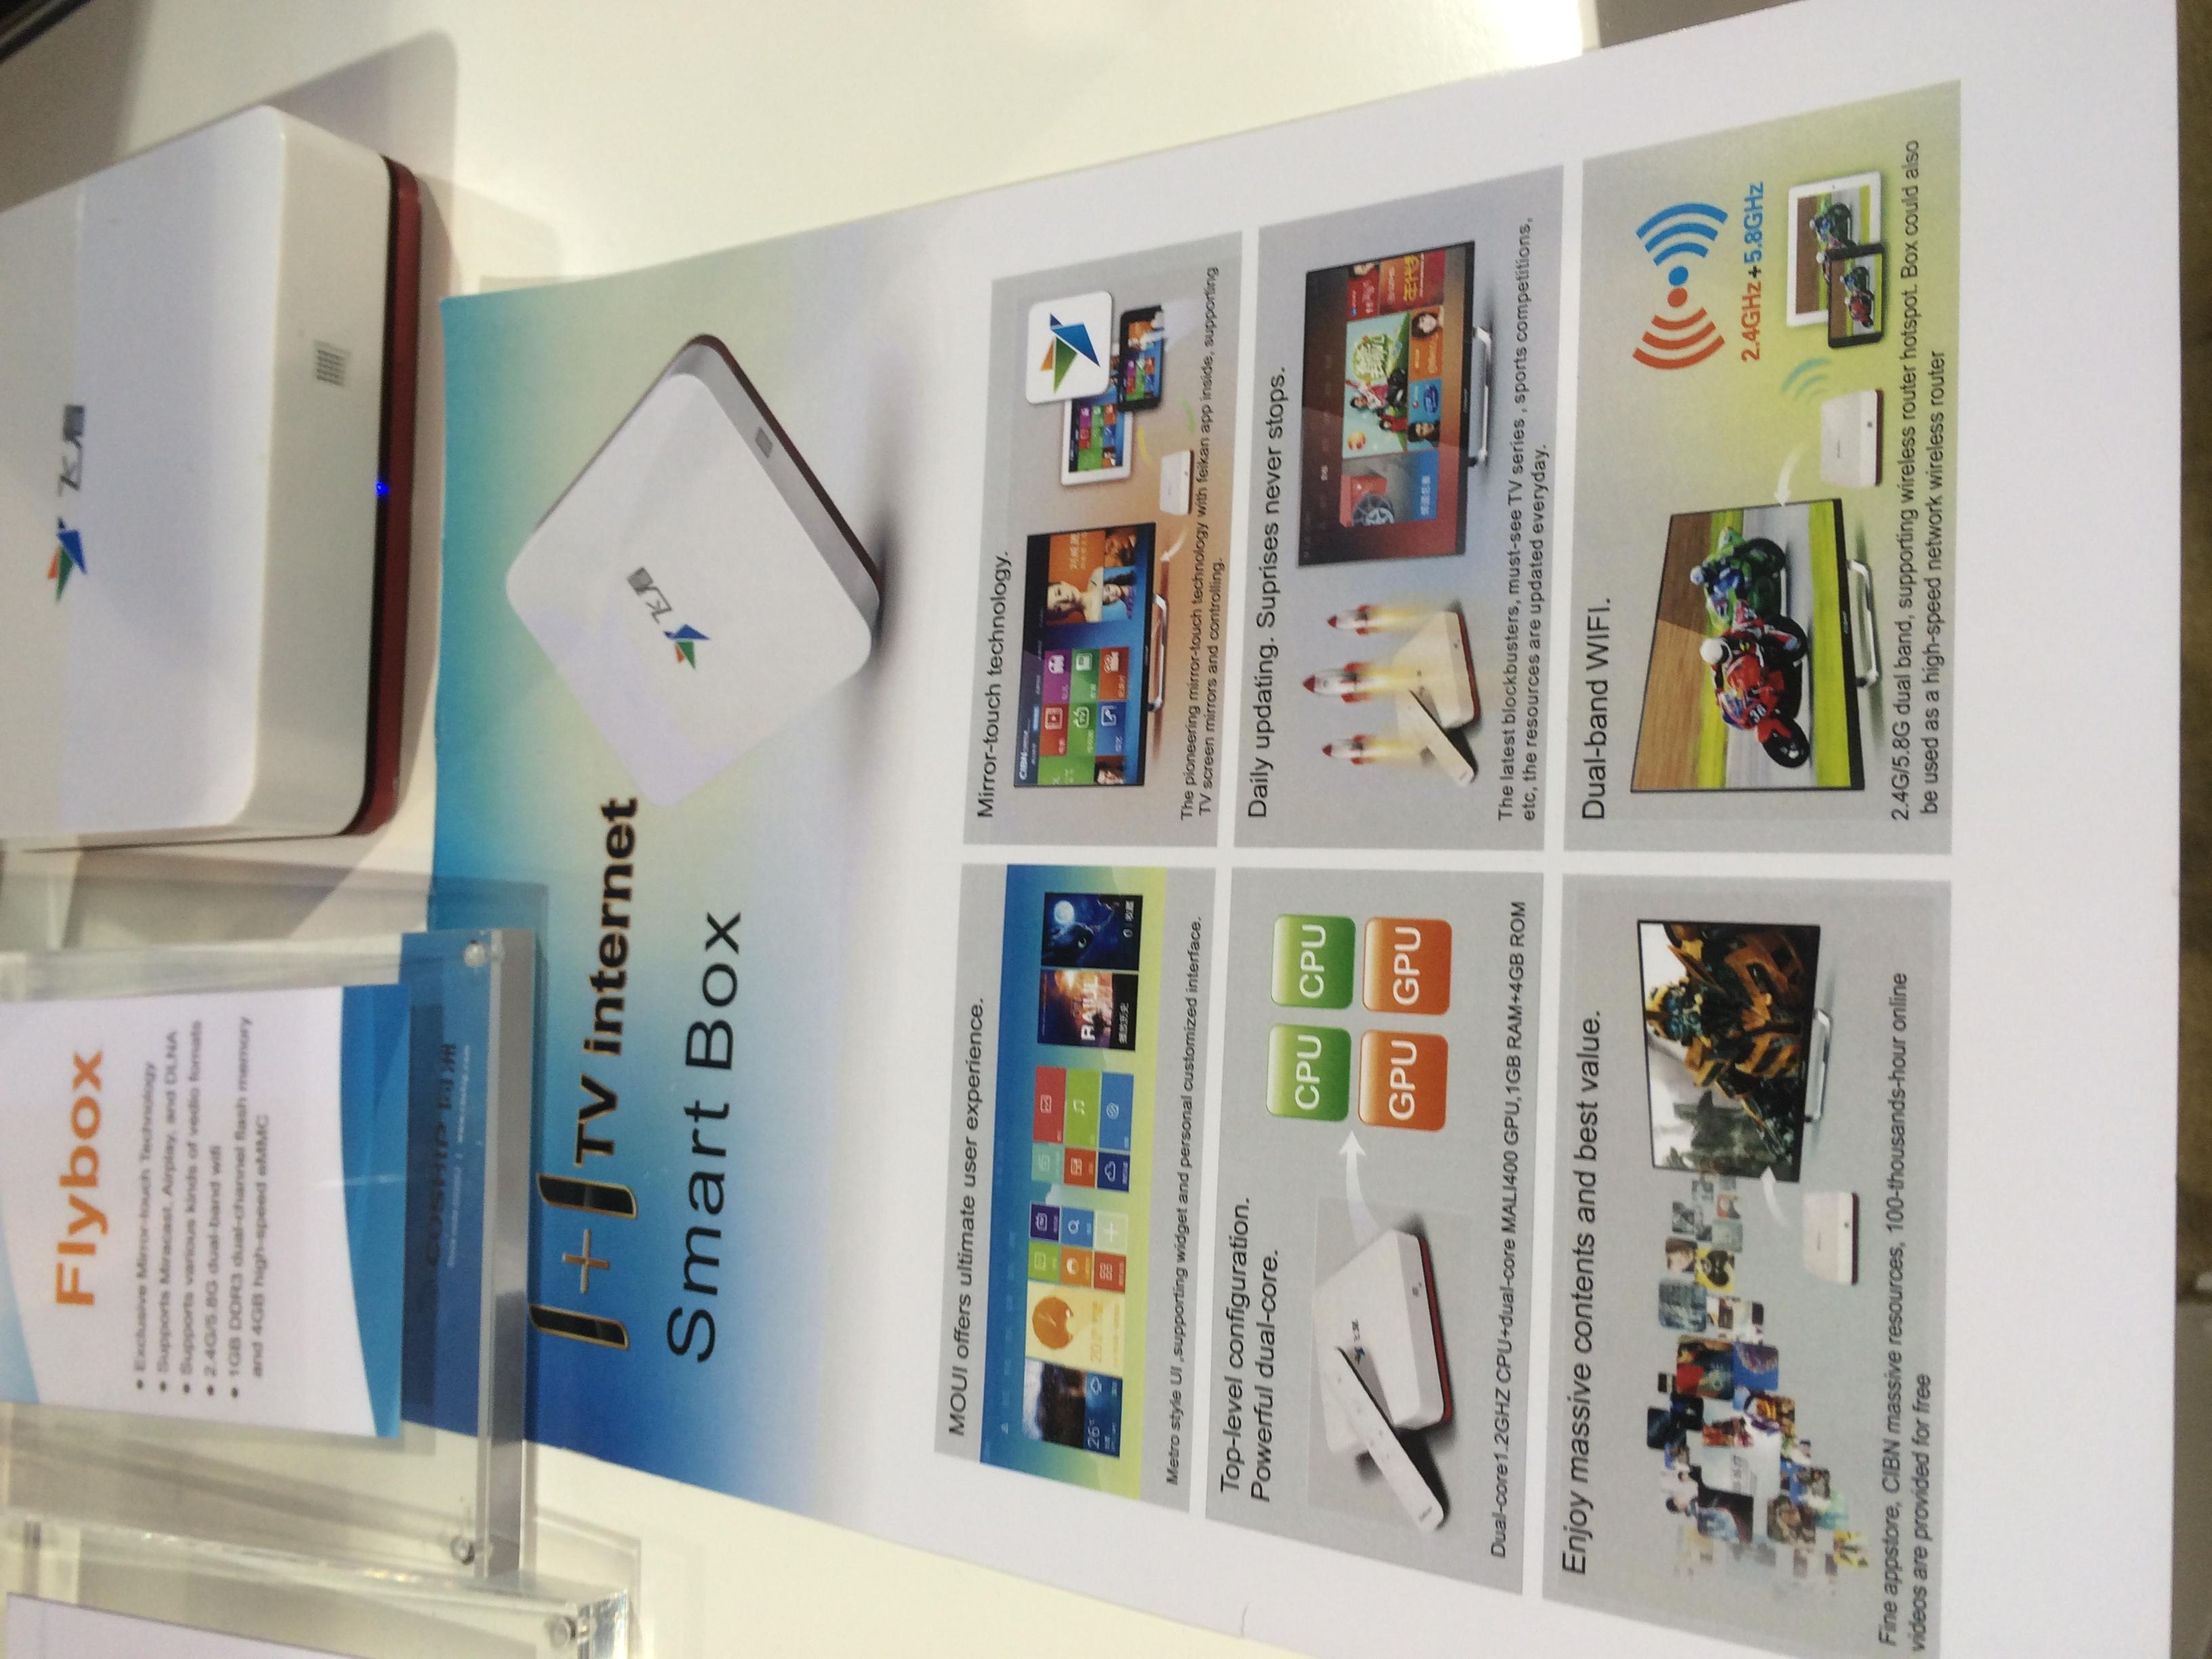 Стенд компании Coship на выставке CES 2014